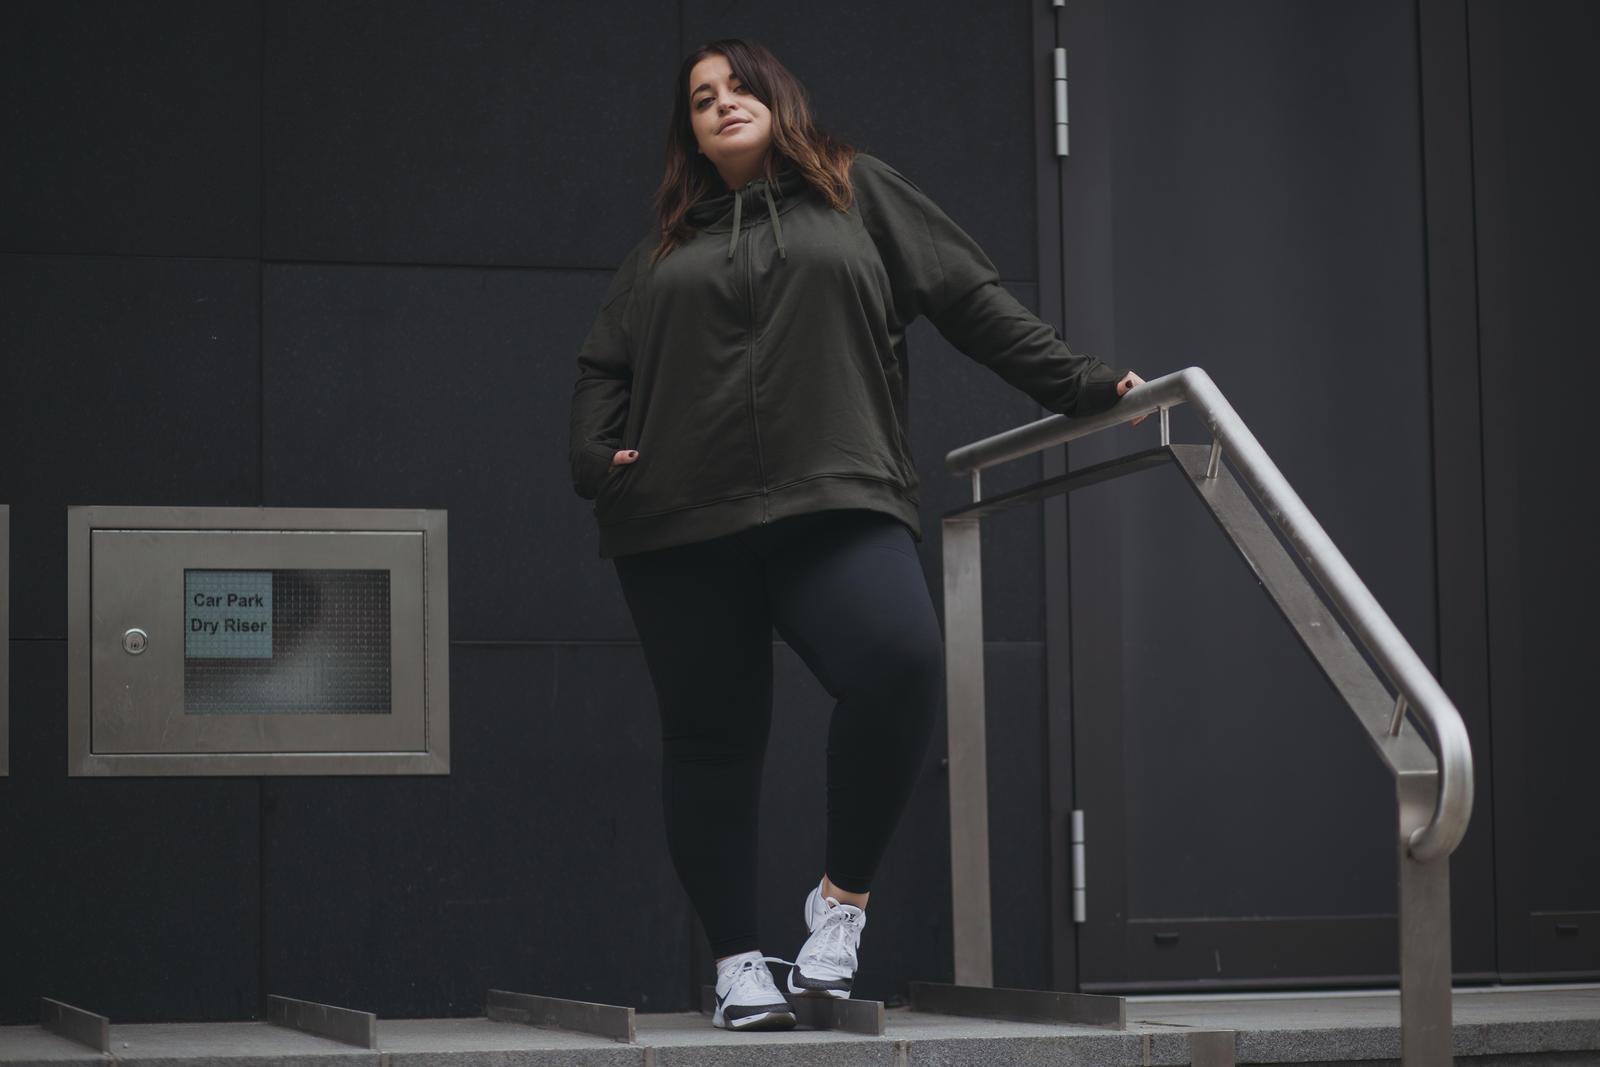 Danielle_Nike_-1_native_1600